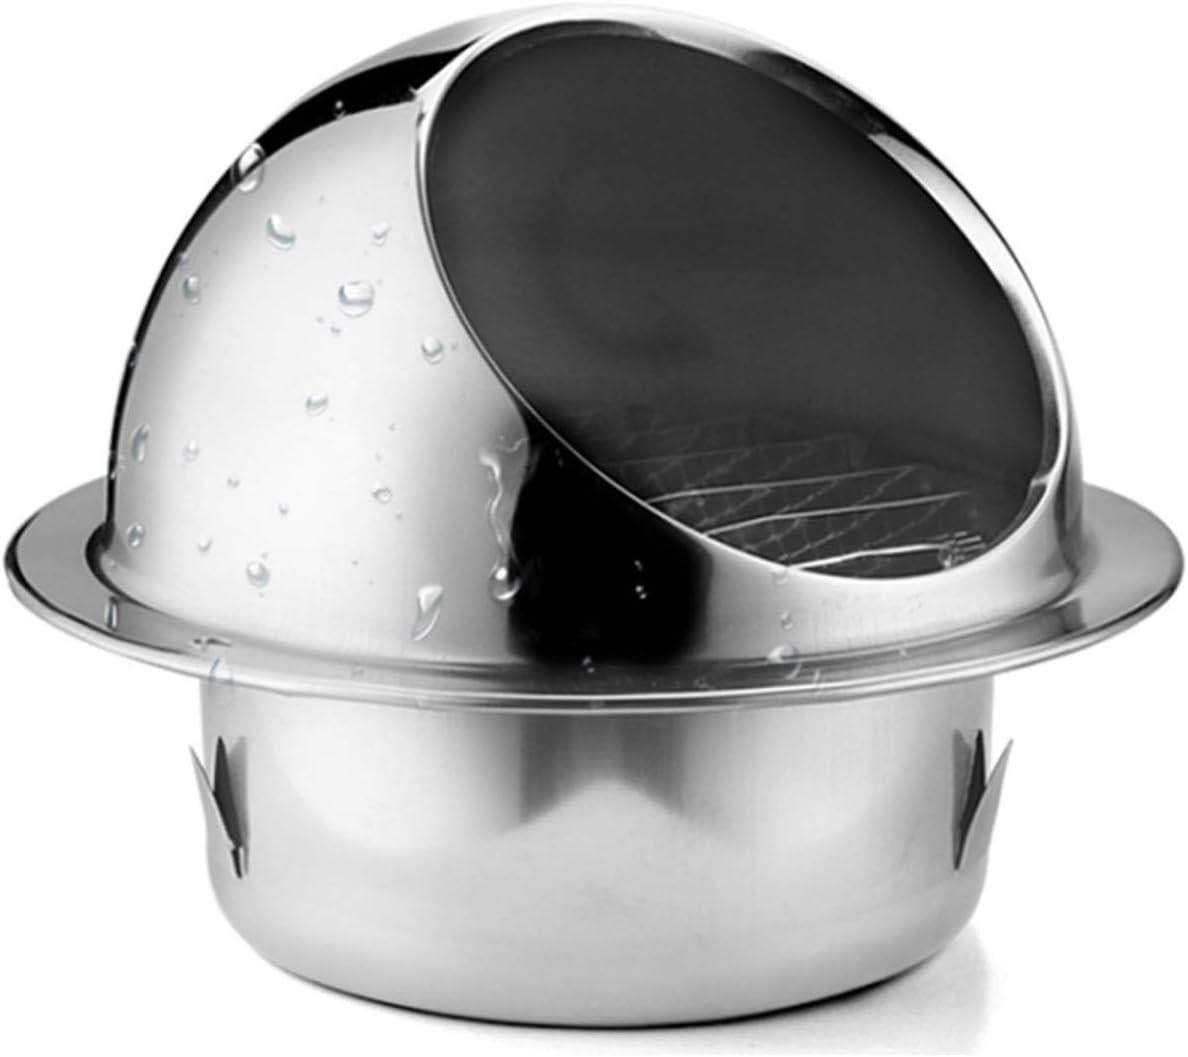 Chimeney Spinner Cowl, Vent Cowl Cap, 304 Cubierta De Ventilación De Acero Inoxidable Ventilación De La Pared Ronda De Ventilación De Aire De La Rejilla De La Rejilla De La Rejilla Con Los(Size:200mm)